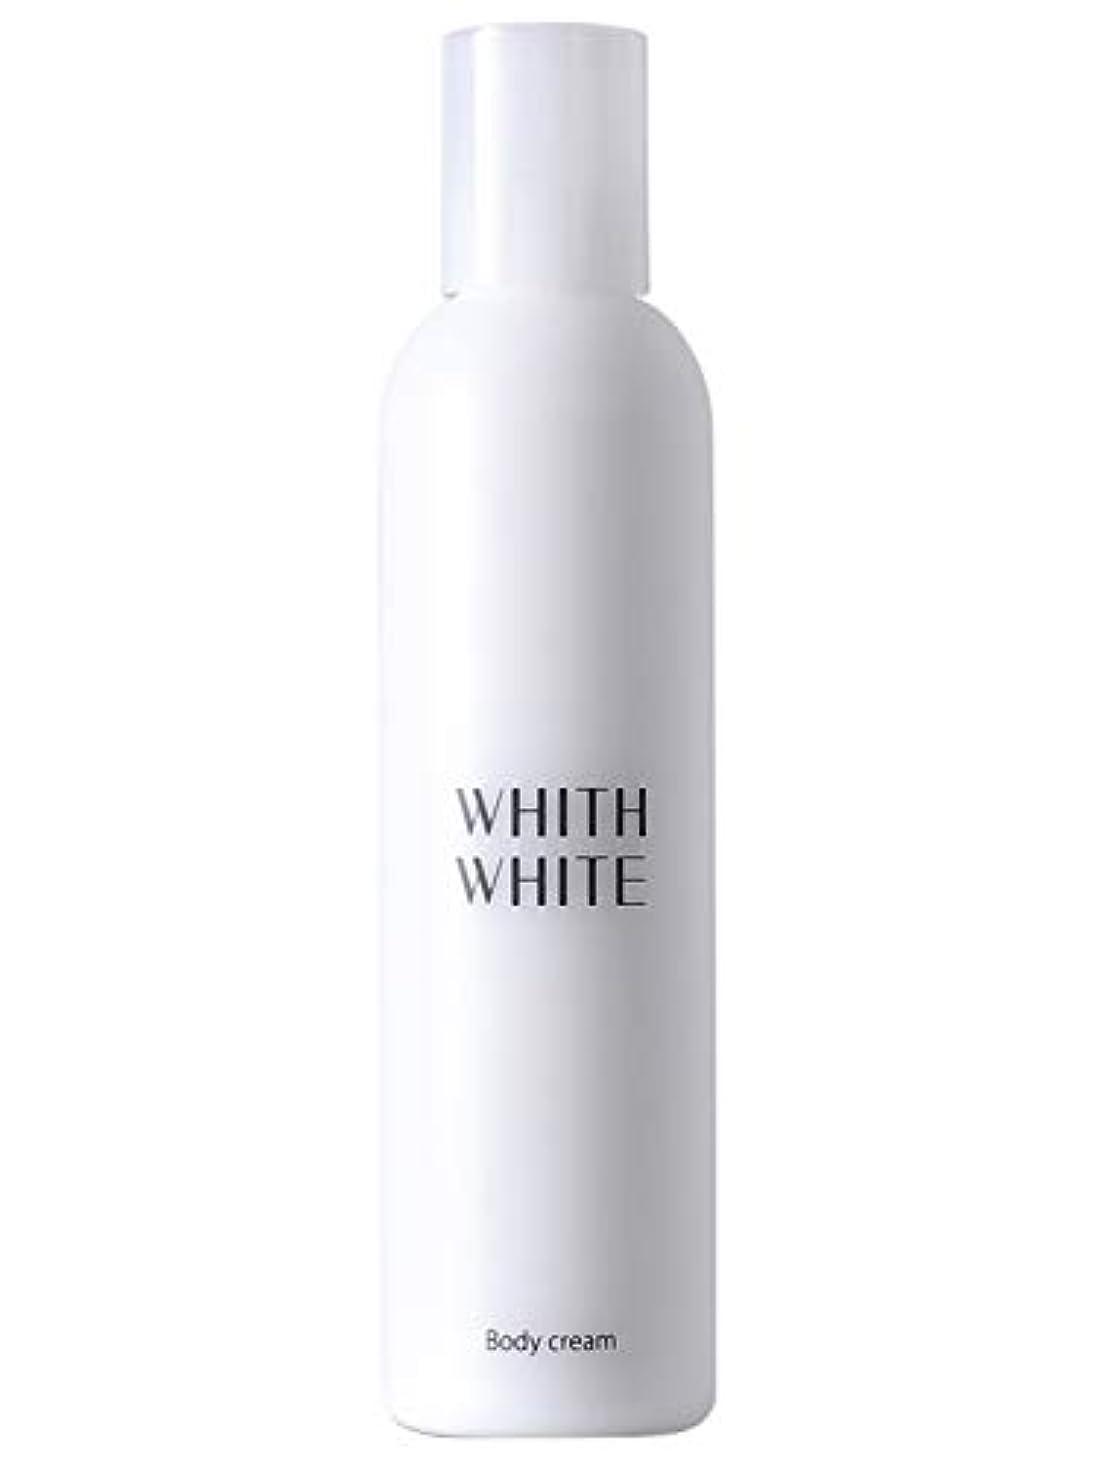 飼いならす許容できる整理するフィス ホワイト 保湿 ボディクリーム 「顔 かかと 全身 乾燥肌 しみ くすみ 用 エモリエント 保湿クリーム 」200g